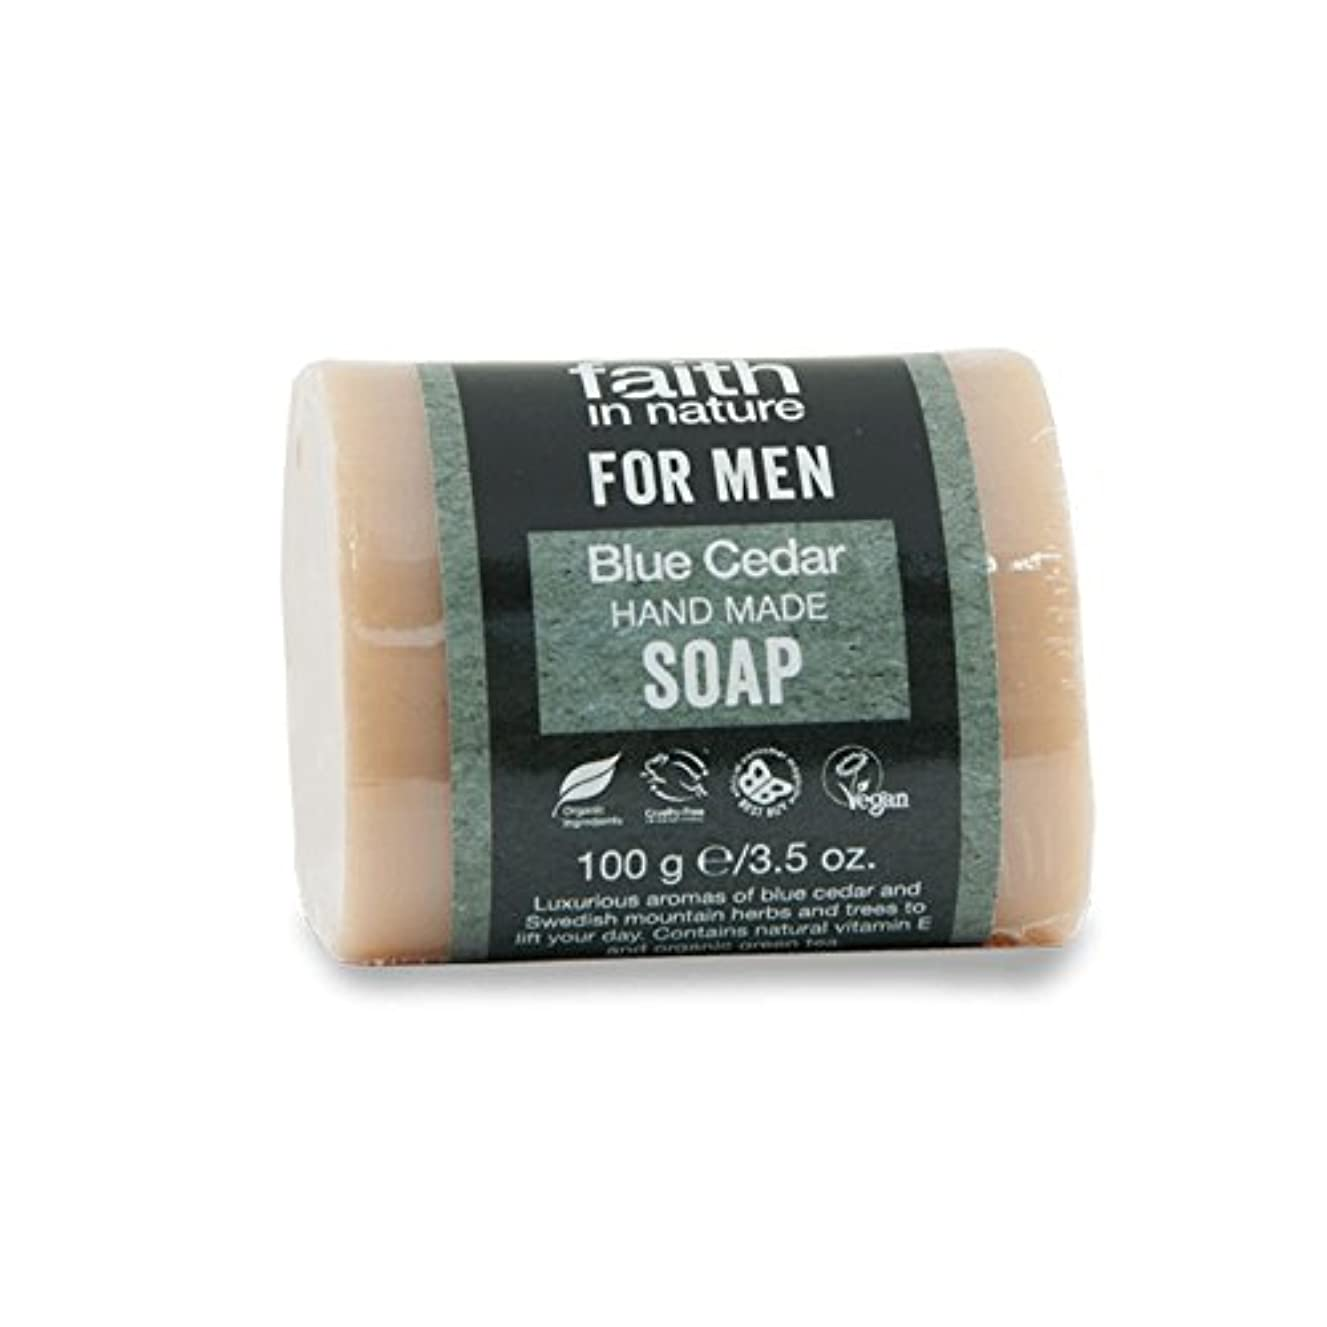 キリマンジャロドーム違反男性青杉の石鹸100グラムのための自然の中で信仰 - Faith in Nature for Men Blue Cedar Soap 100g (Faith in Nature) [並行輸入品]